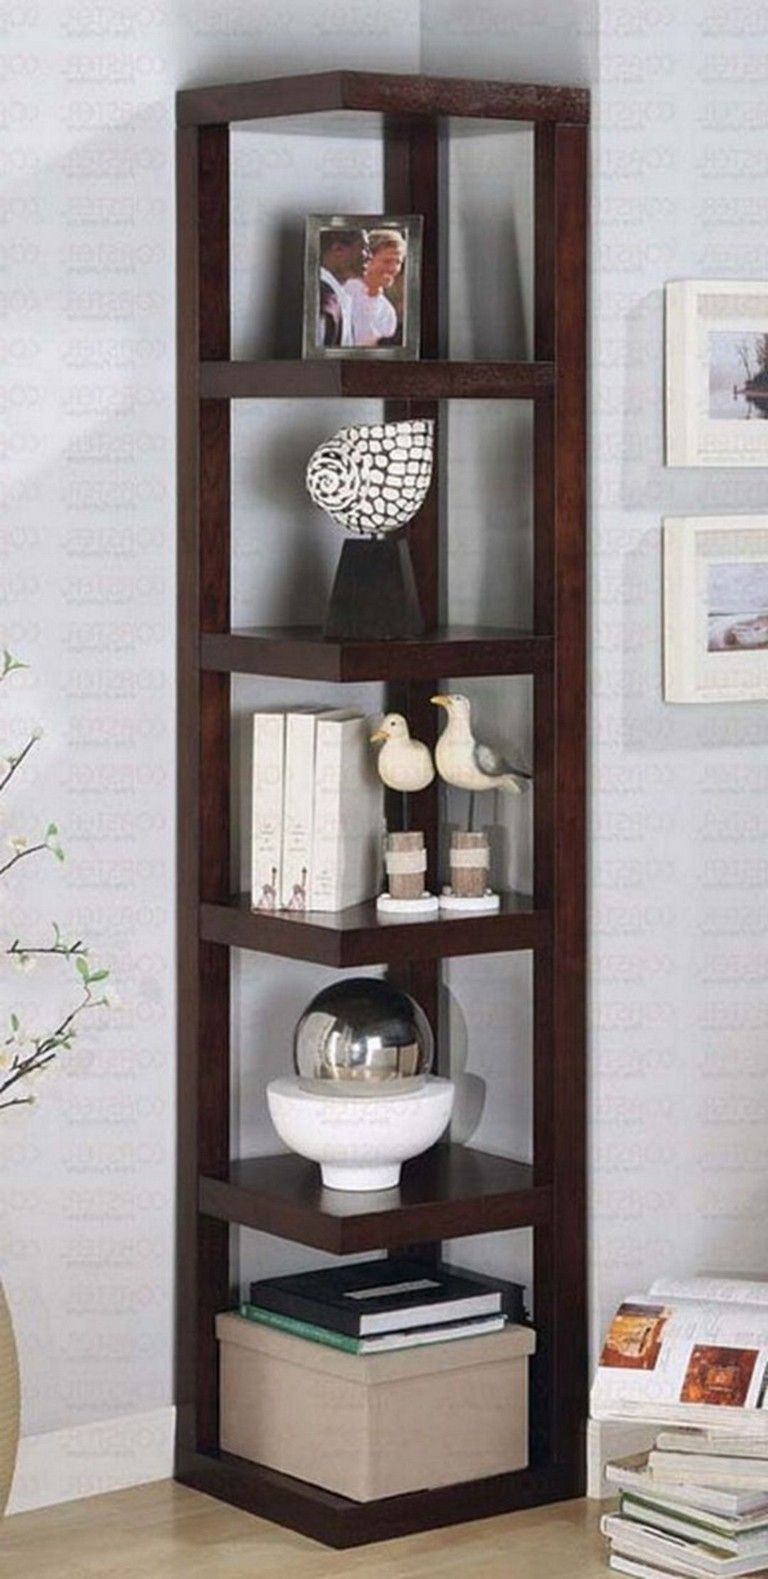 23 Marvelous Corner Shelves Design Ideas For Your Living Room